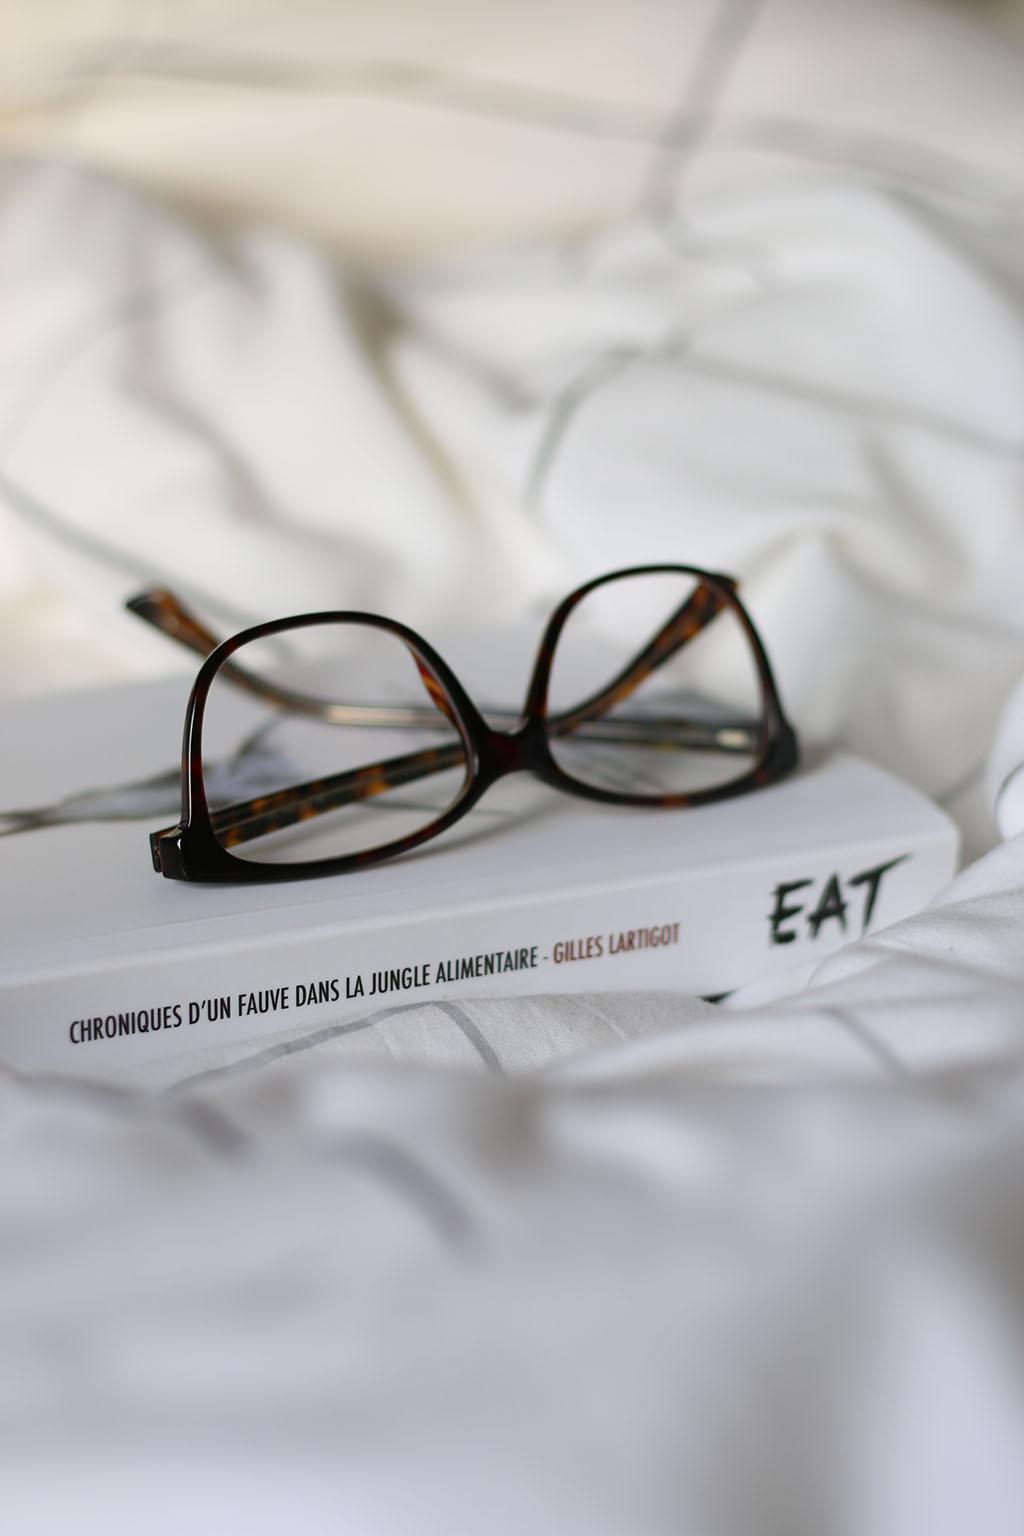 eat gilles lartigot